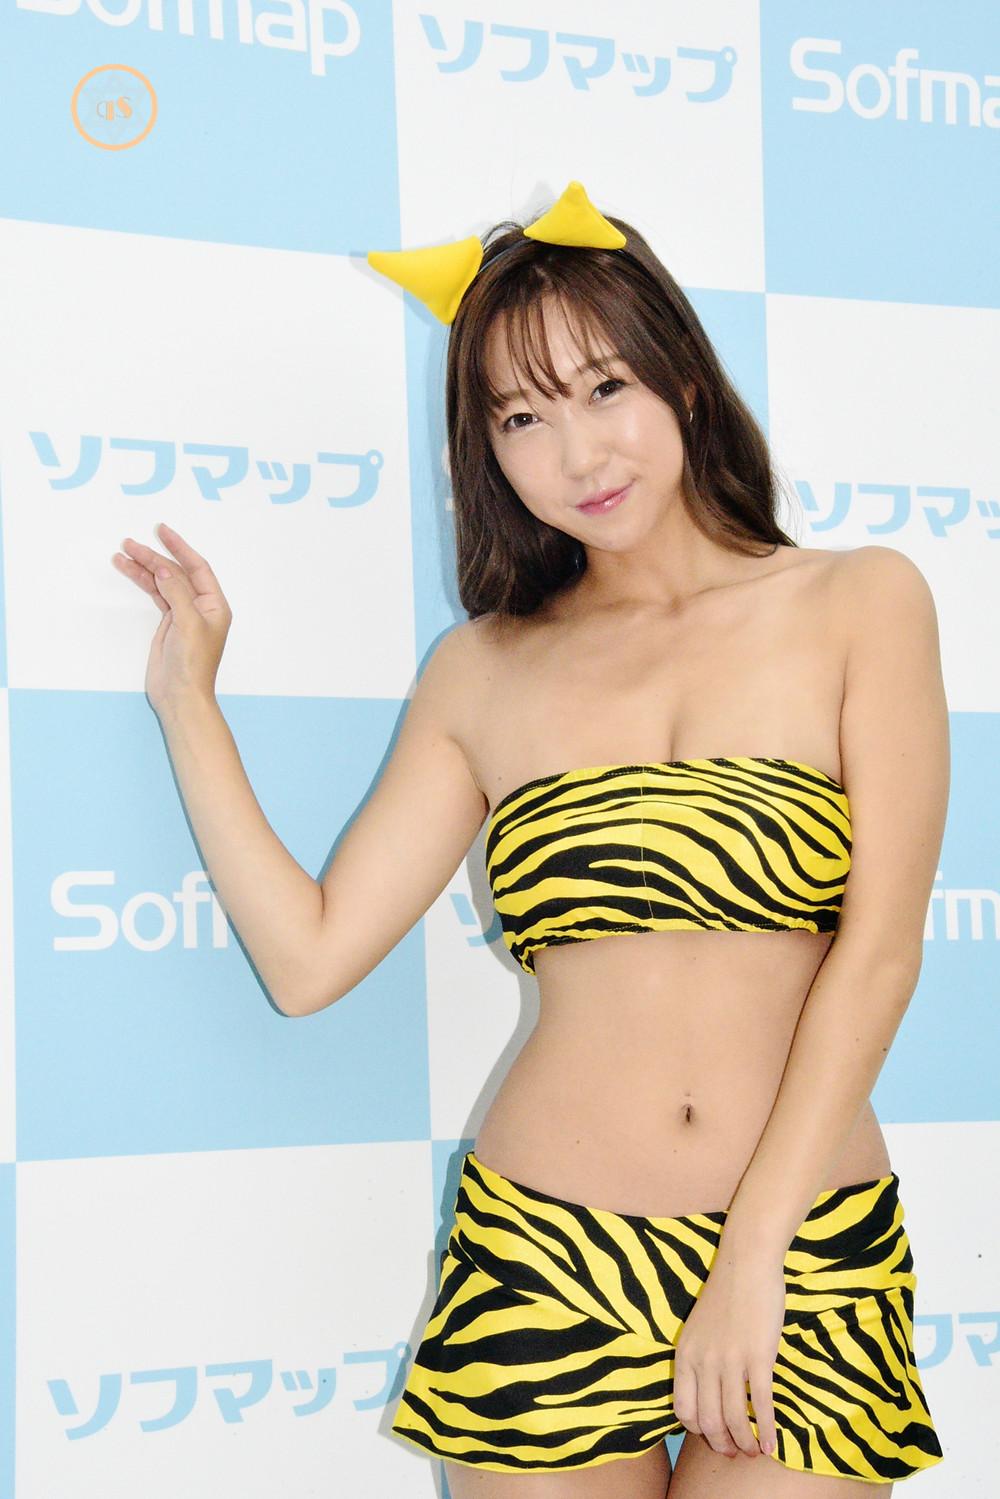 あさいあみ爆乳Iカップのグラビアアイドル (1)